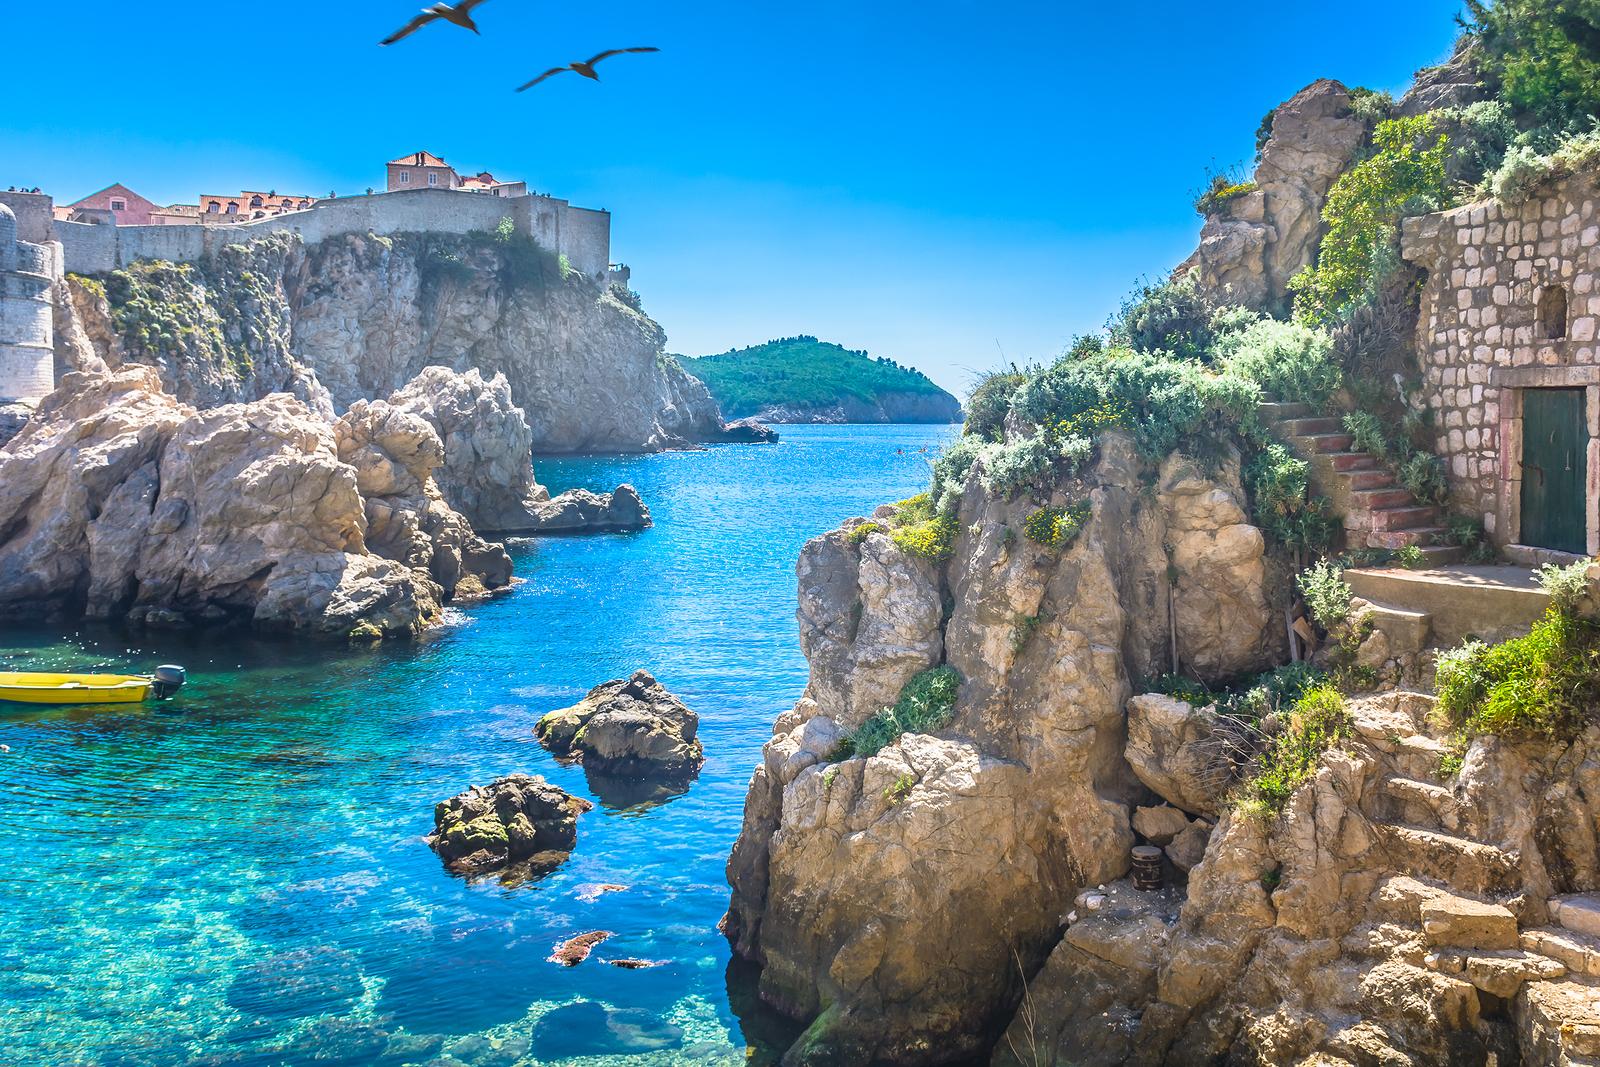 巴黎(Paris)-杜布罗夫尼克(Dubrovnik)